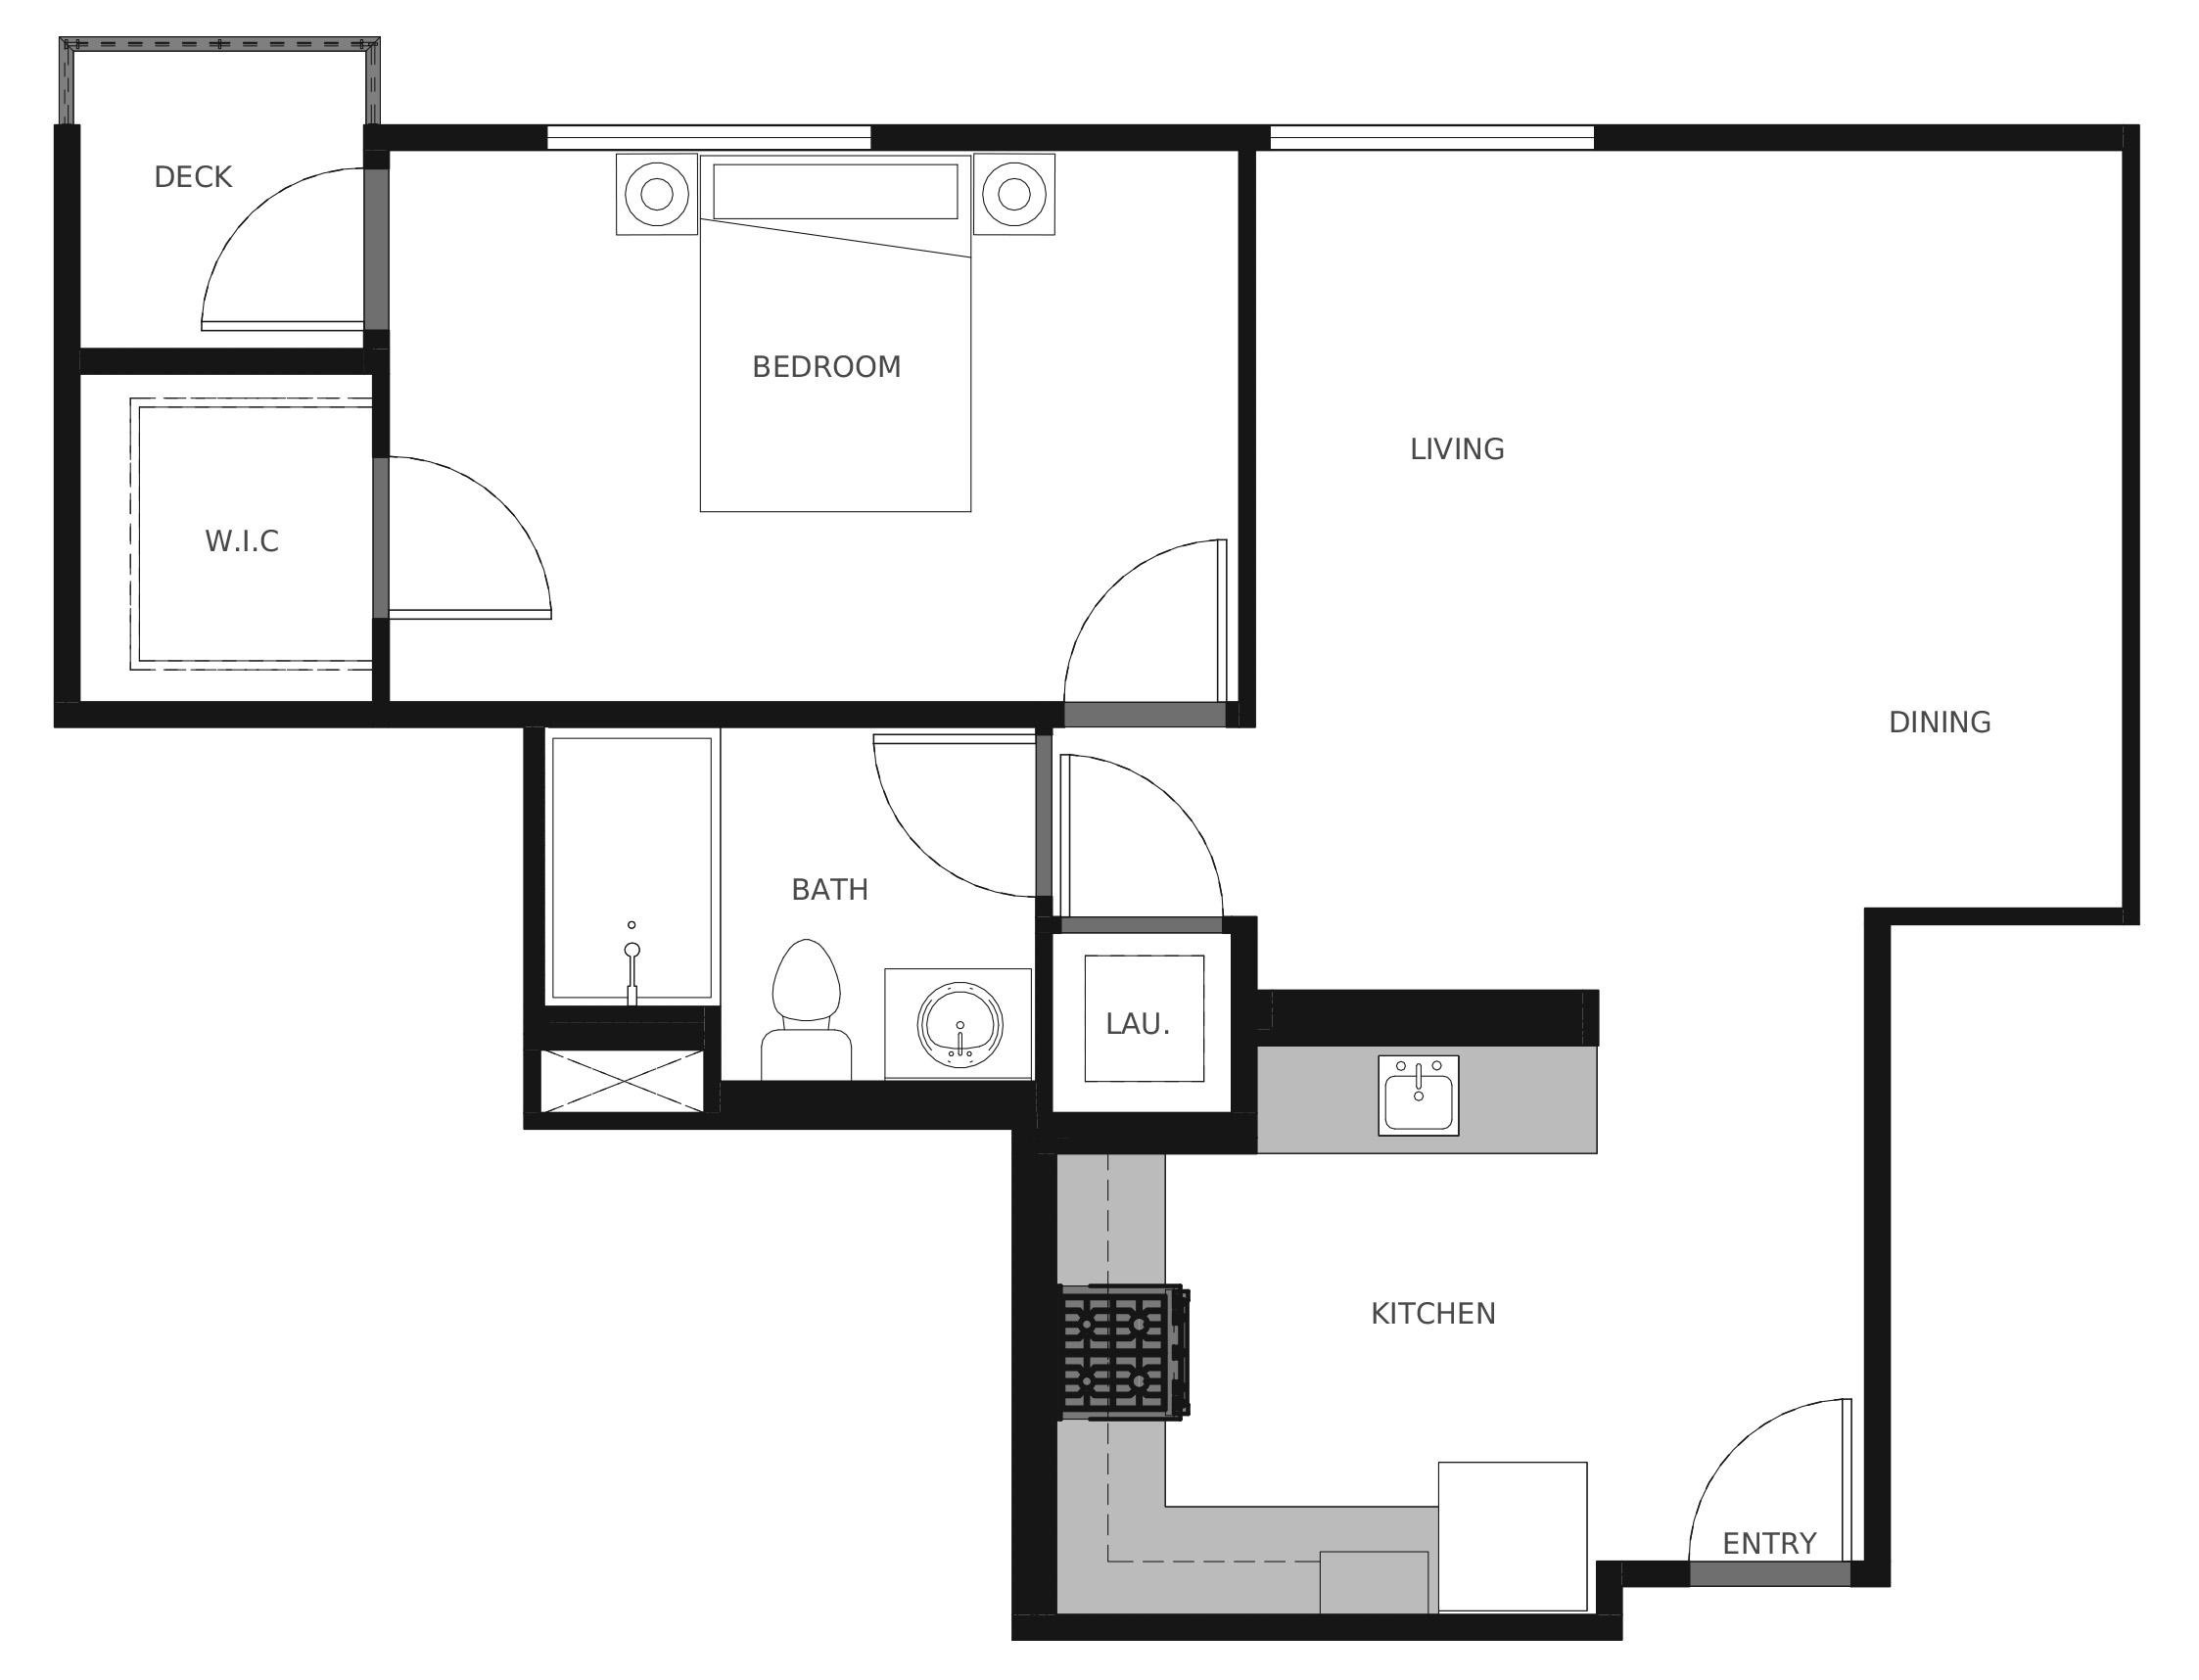 Plan A6 - 676 sq. ft.